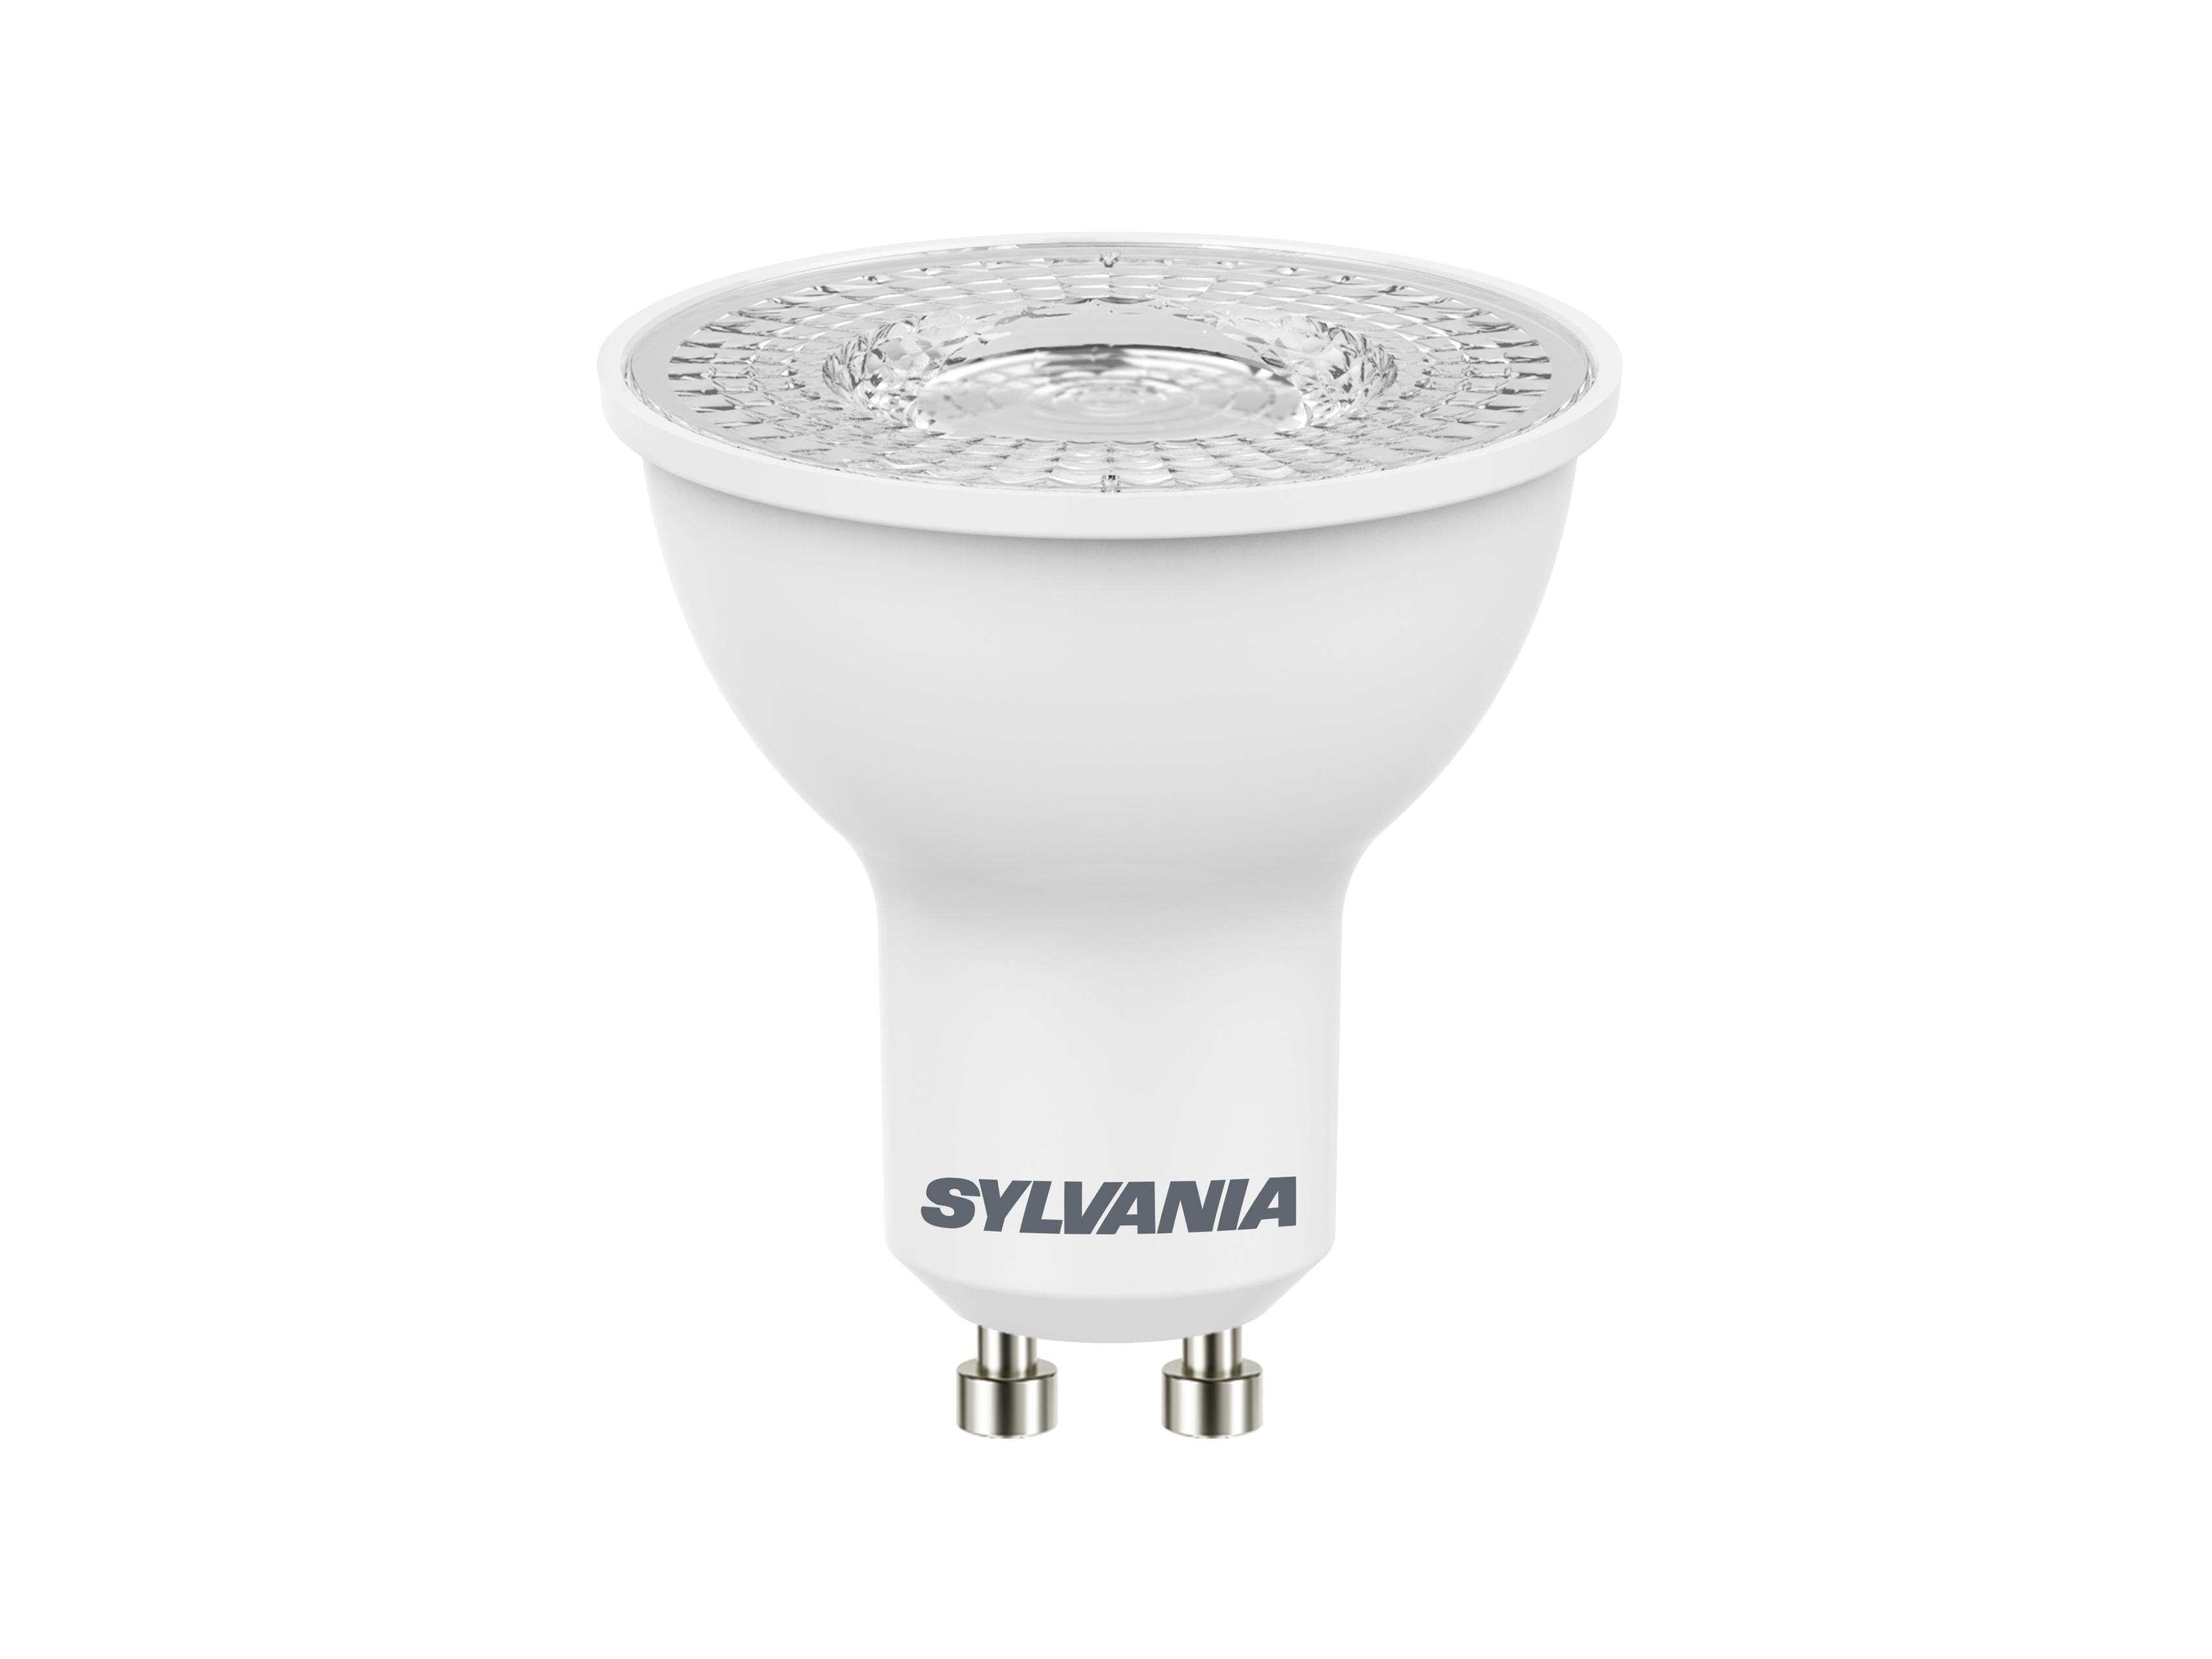 Sylvania refled es gu w lm ° sl led lampe